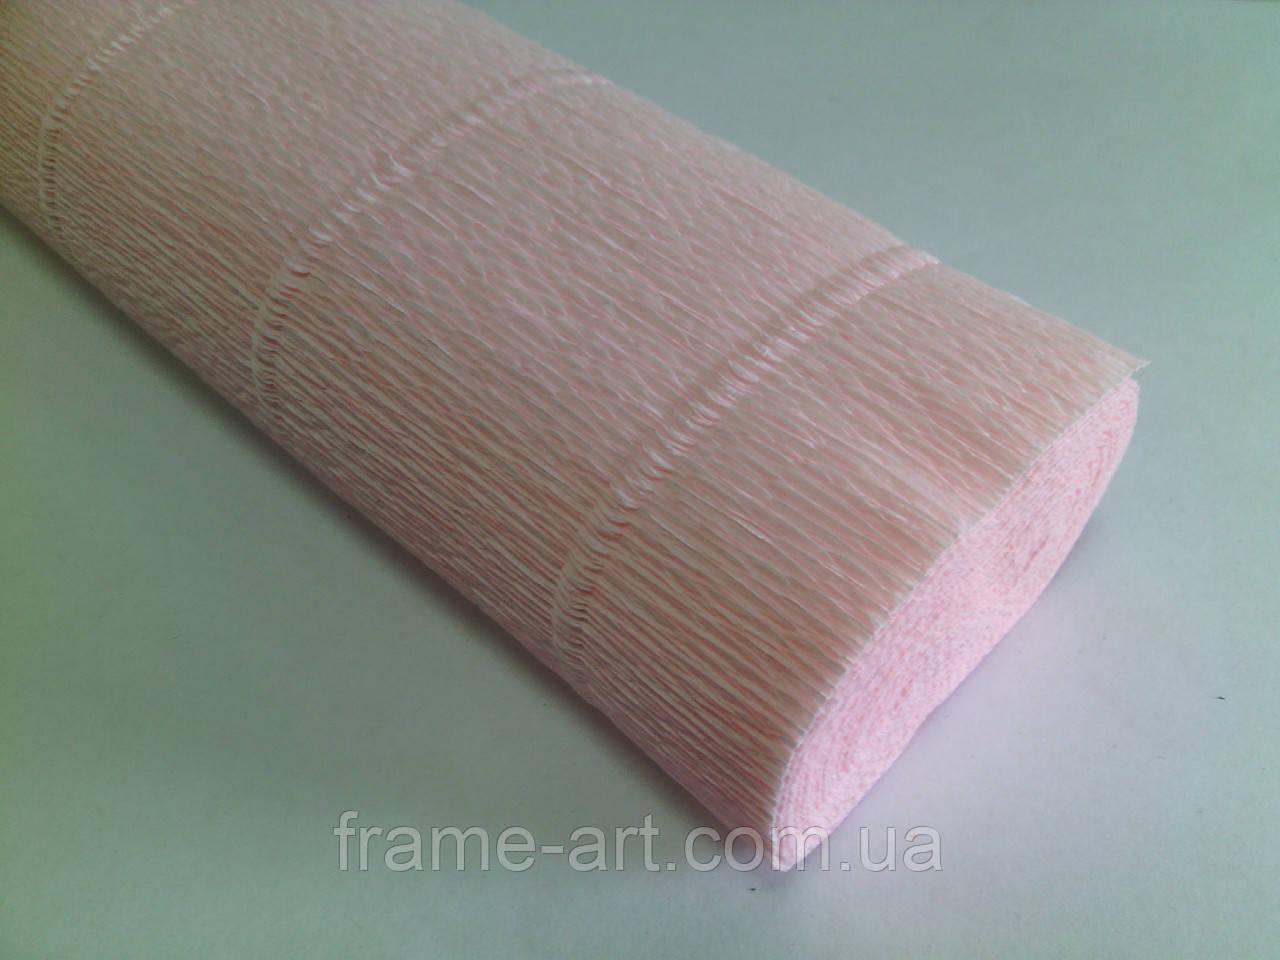 Креп-бумага Италия 50см*2,5м 180г/м2 569 бледно-розовый 074